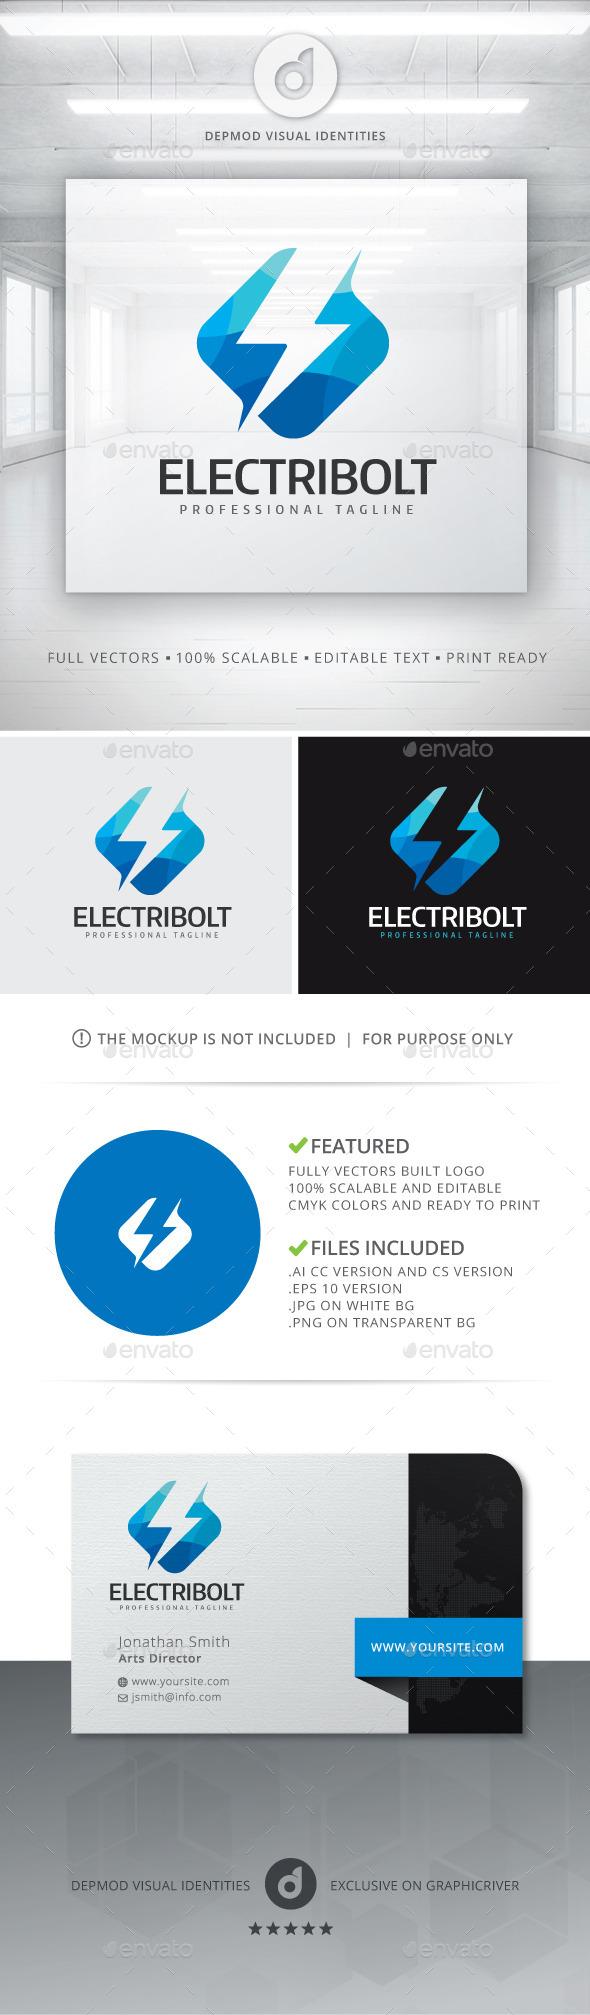 ElectriBolt Logo